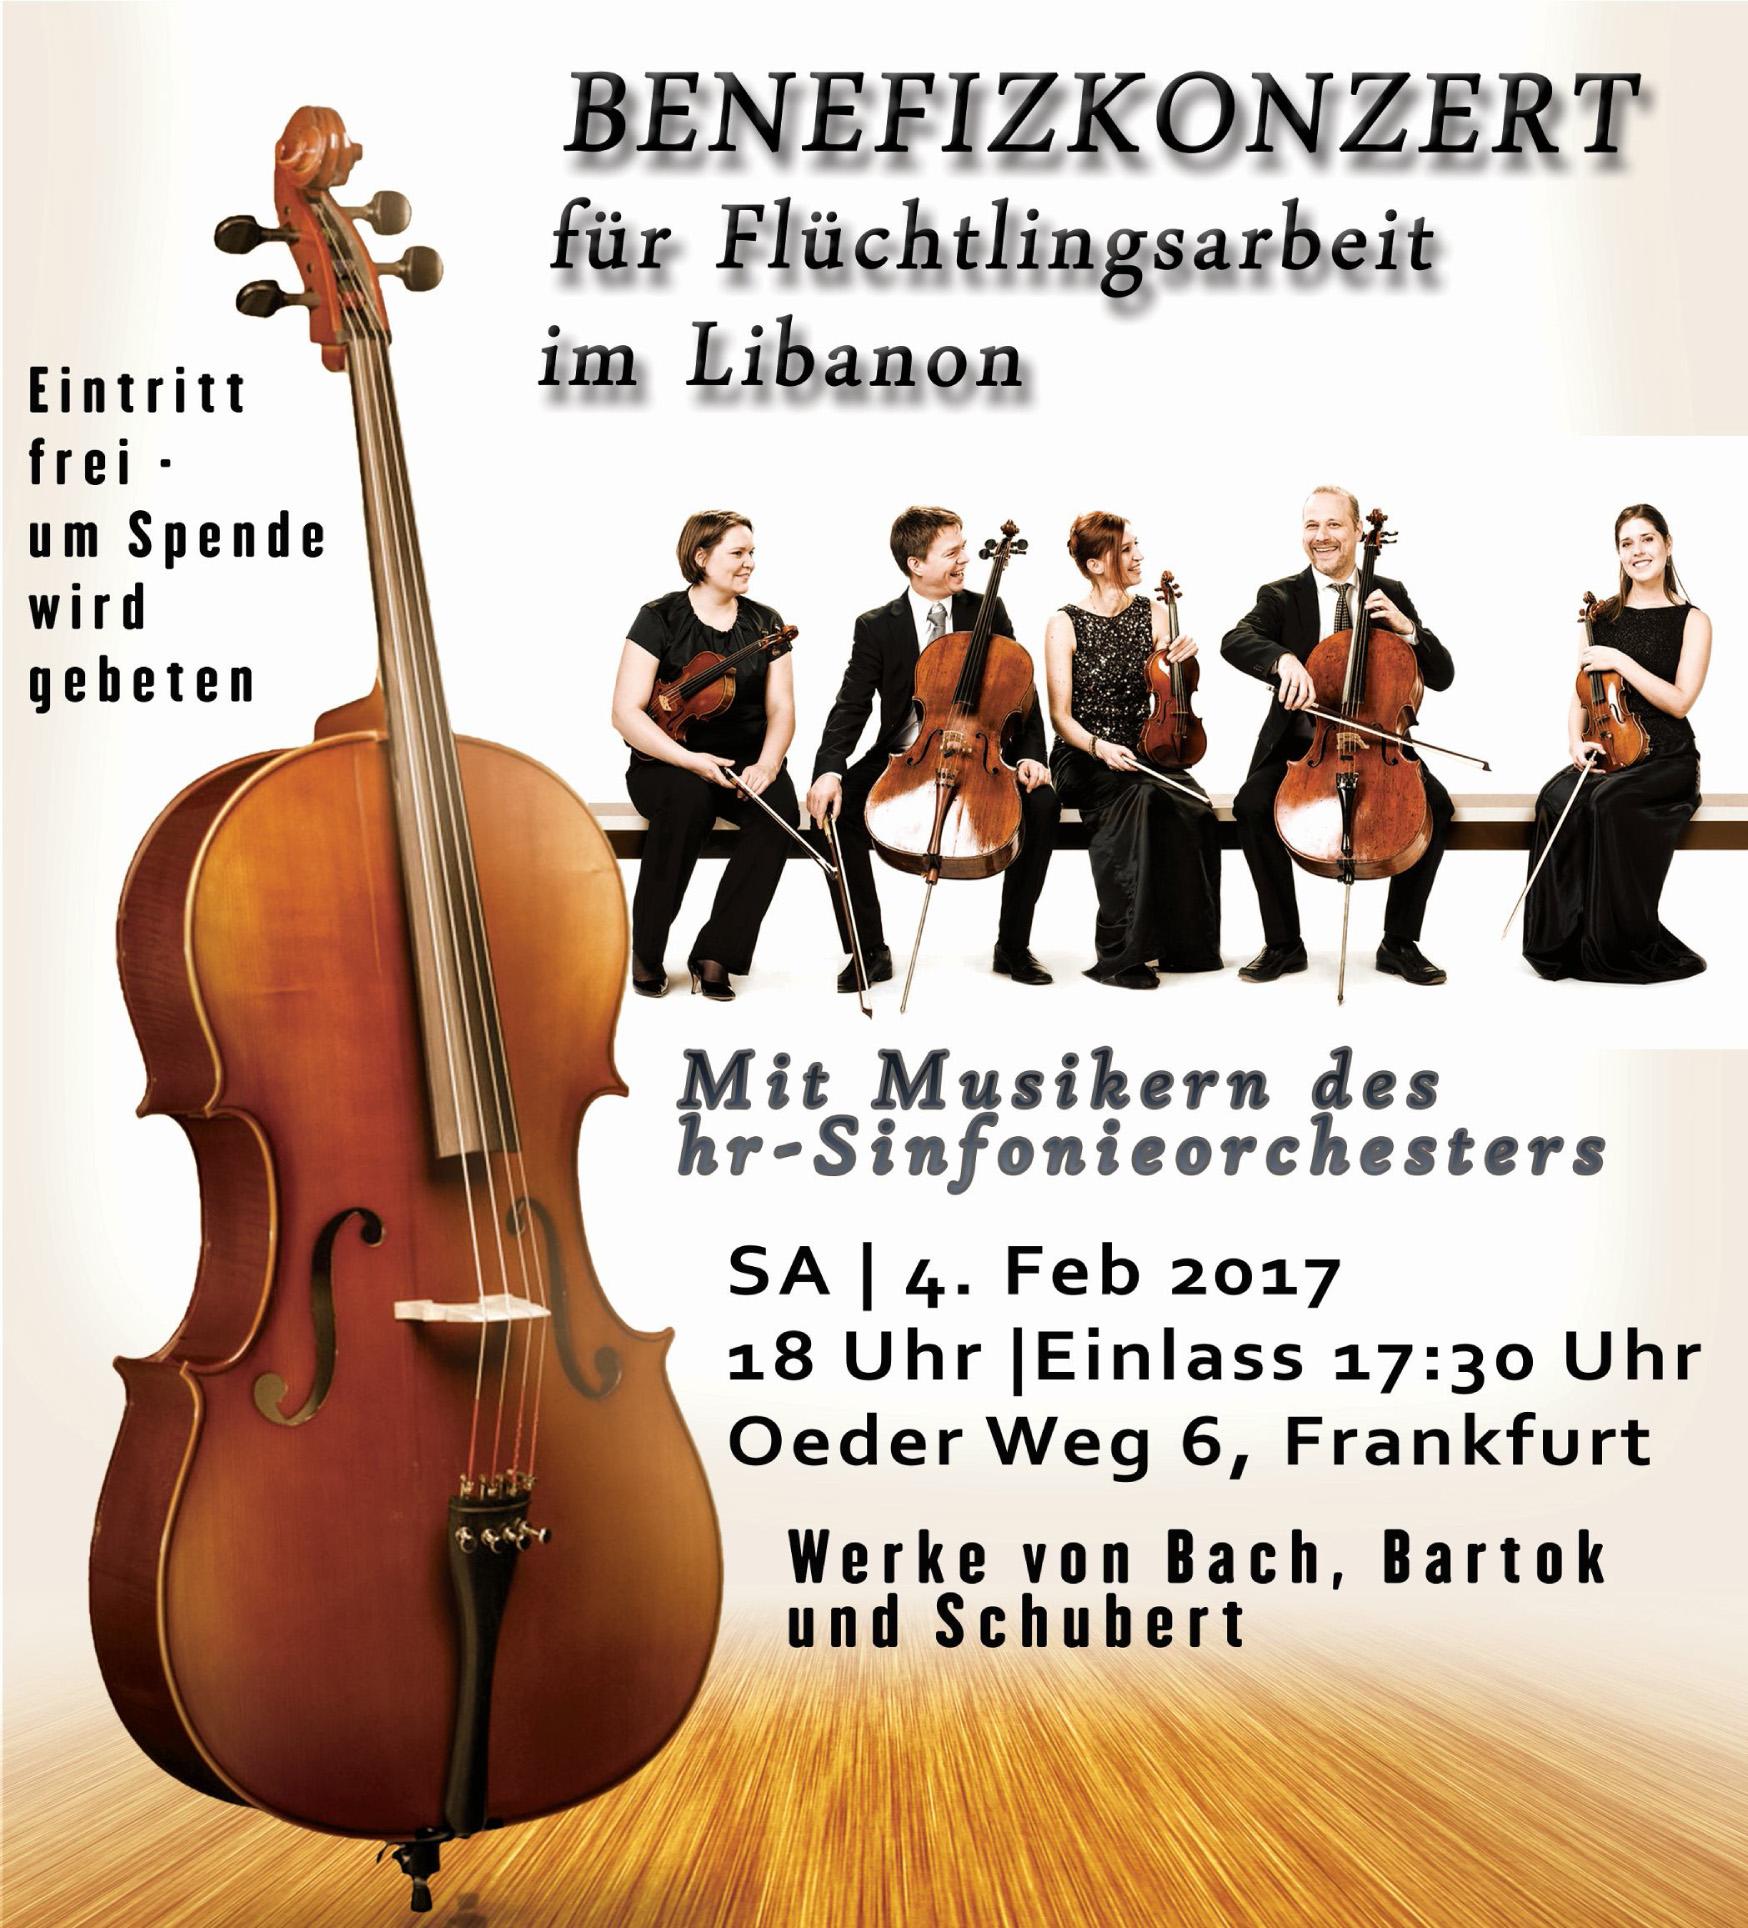 Evangelische Gemeinde Frankfurt